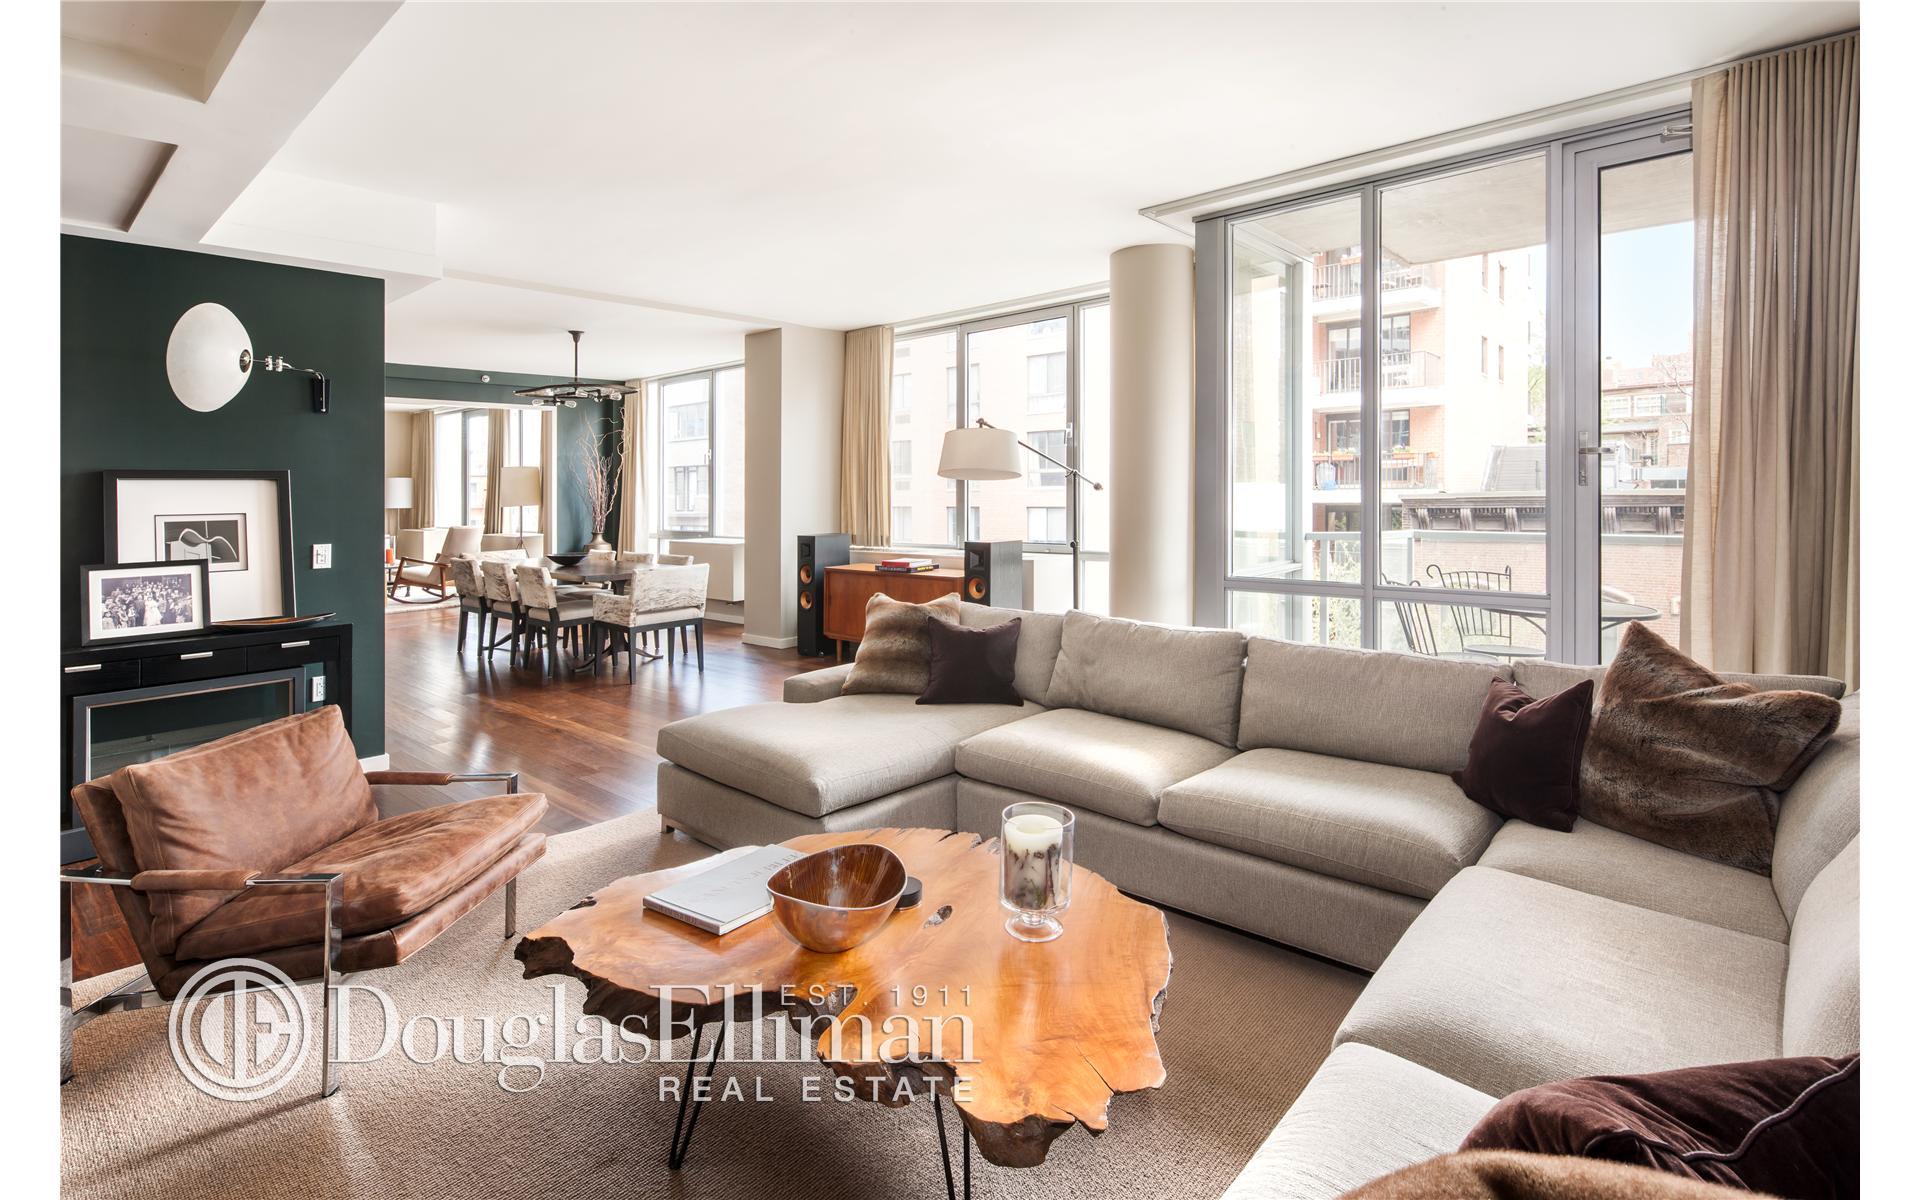 New york city luxury apartments streeteasy for Luxury apartments in new york city